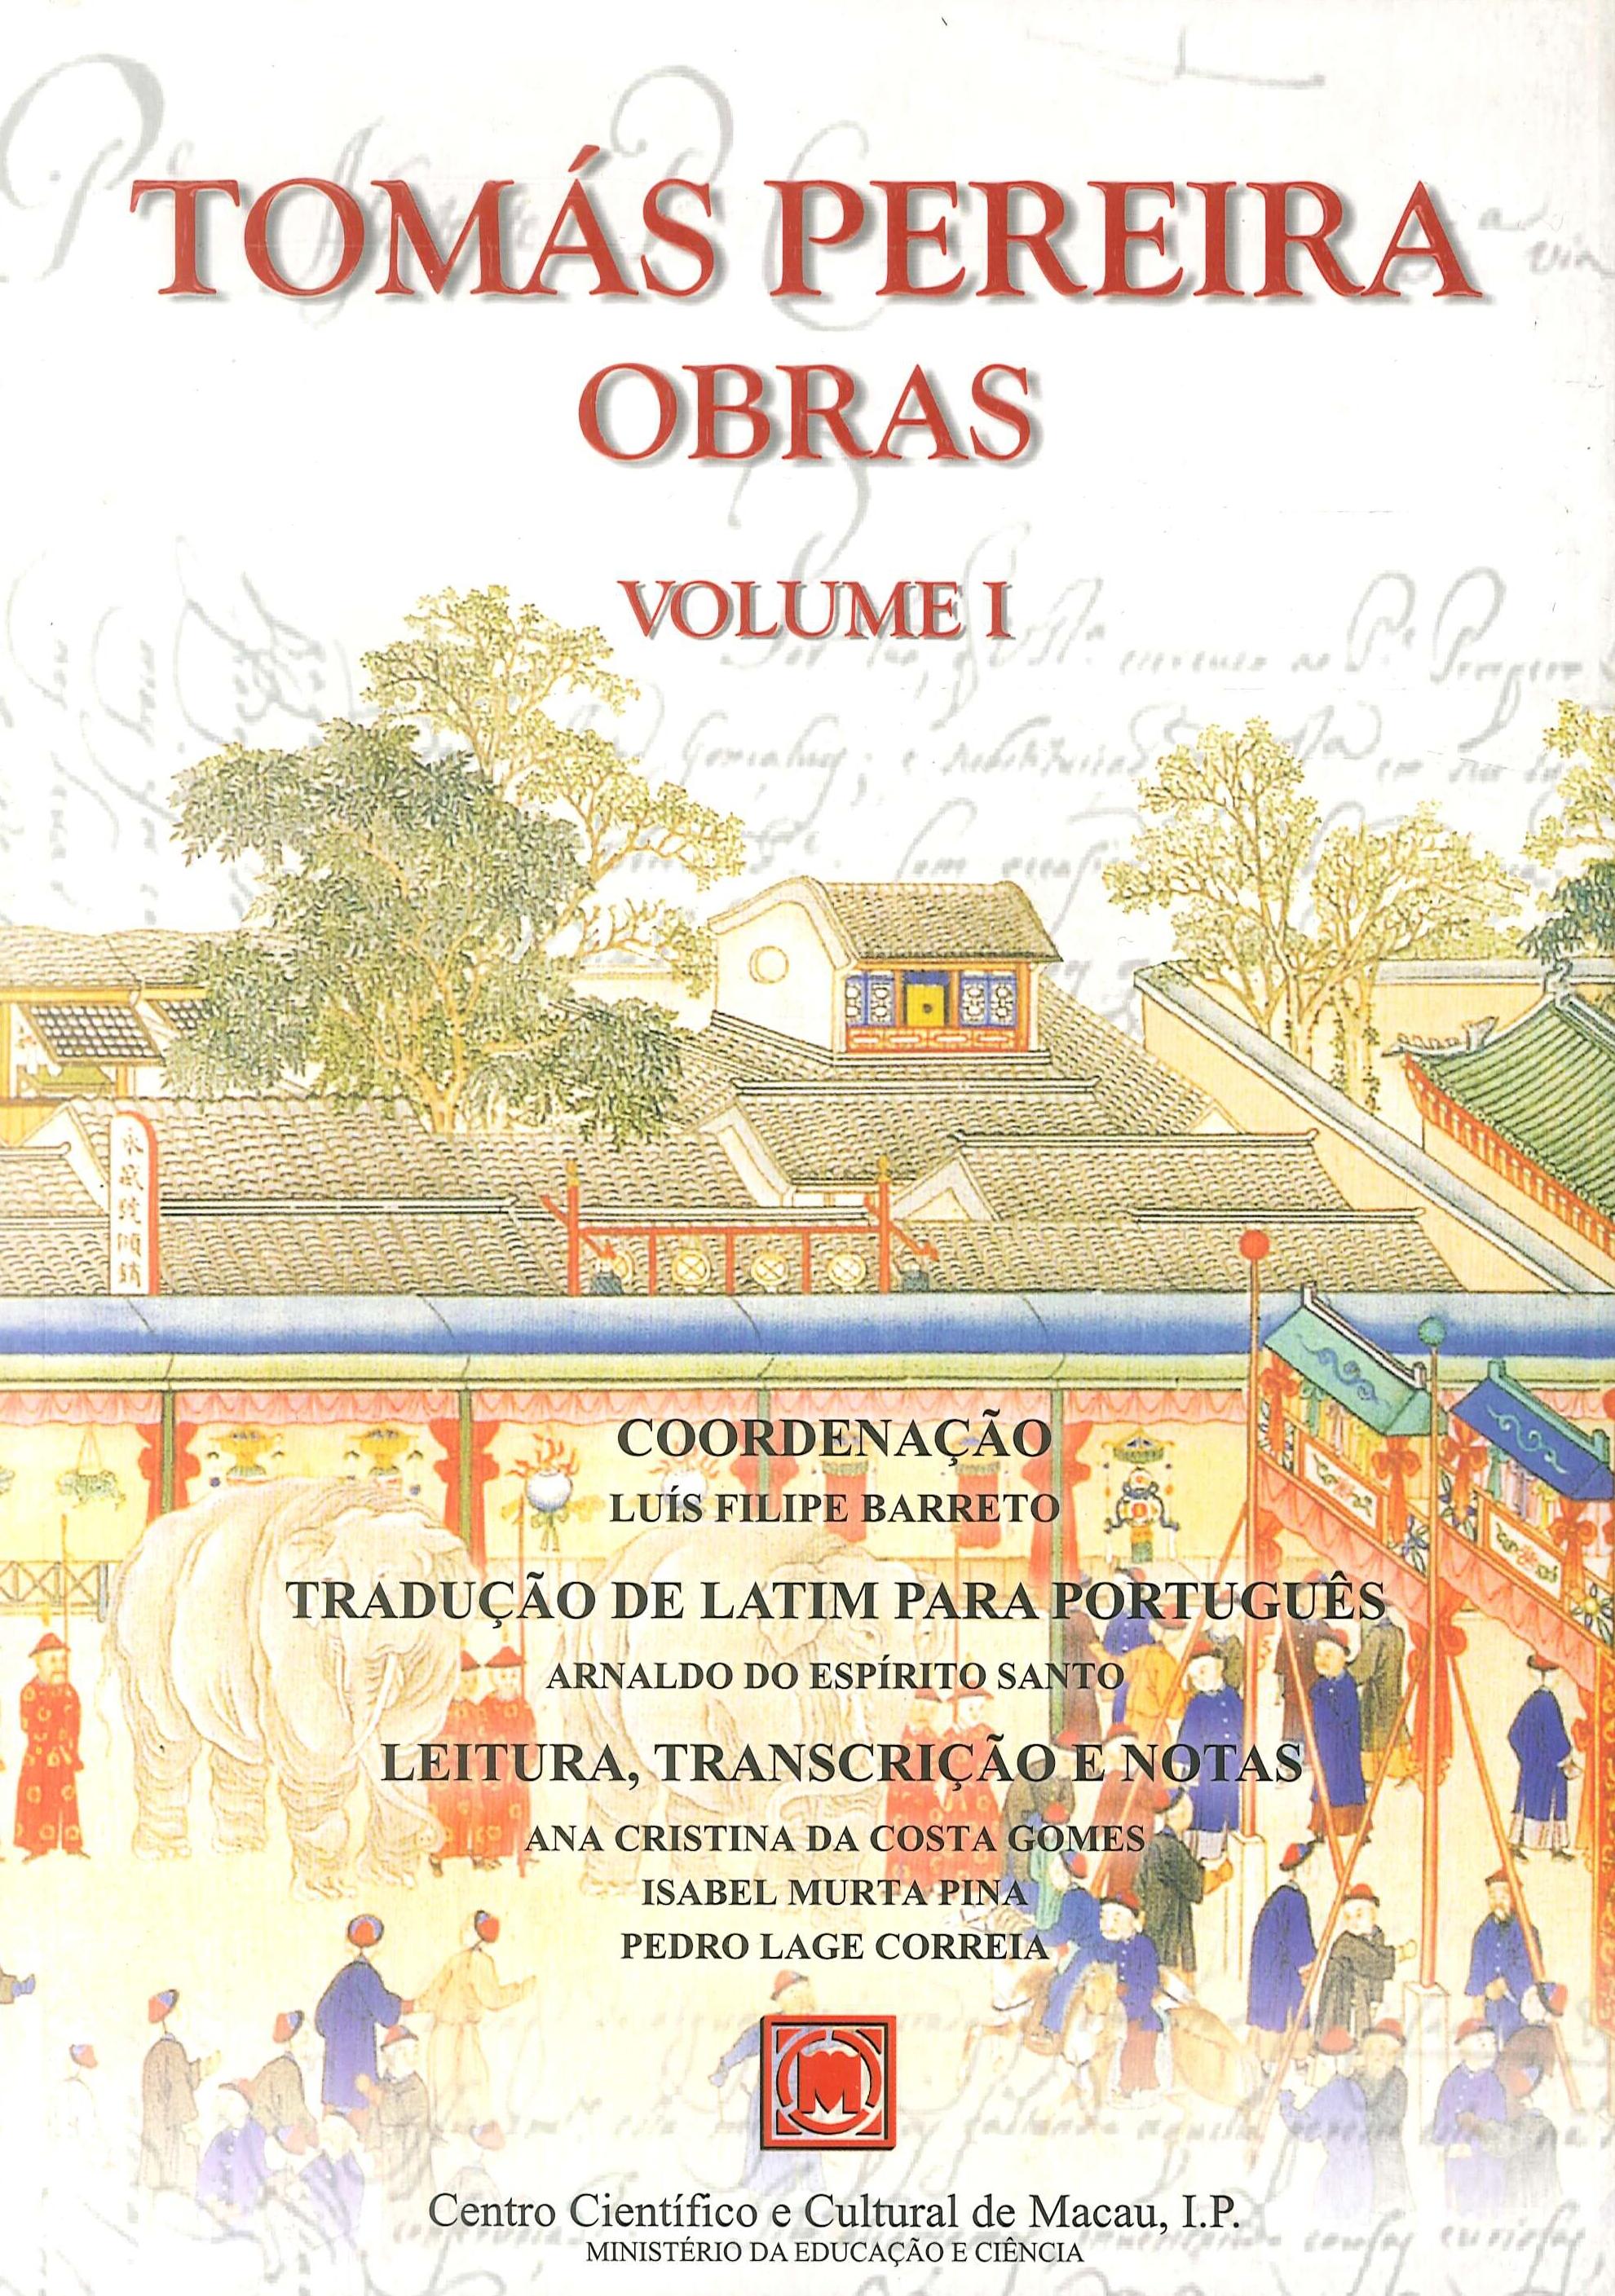 Tomás Pereira. Obras. Volume I